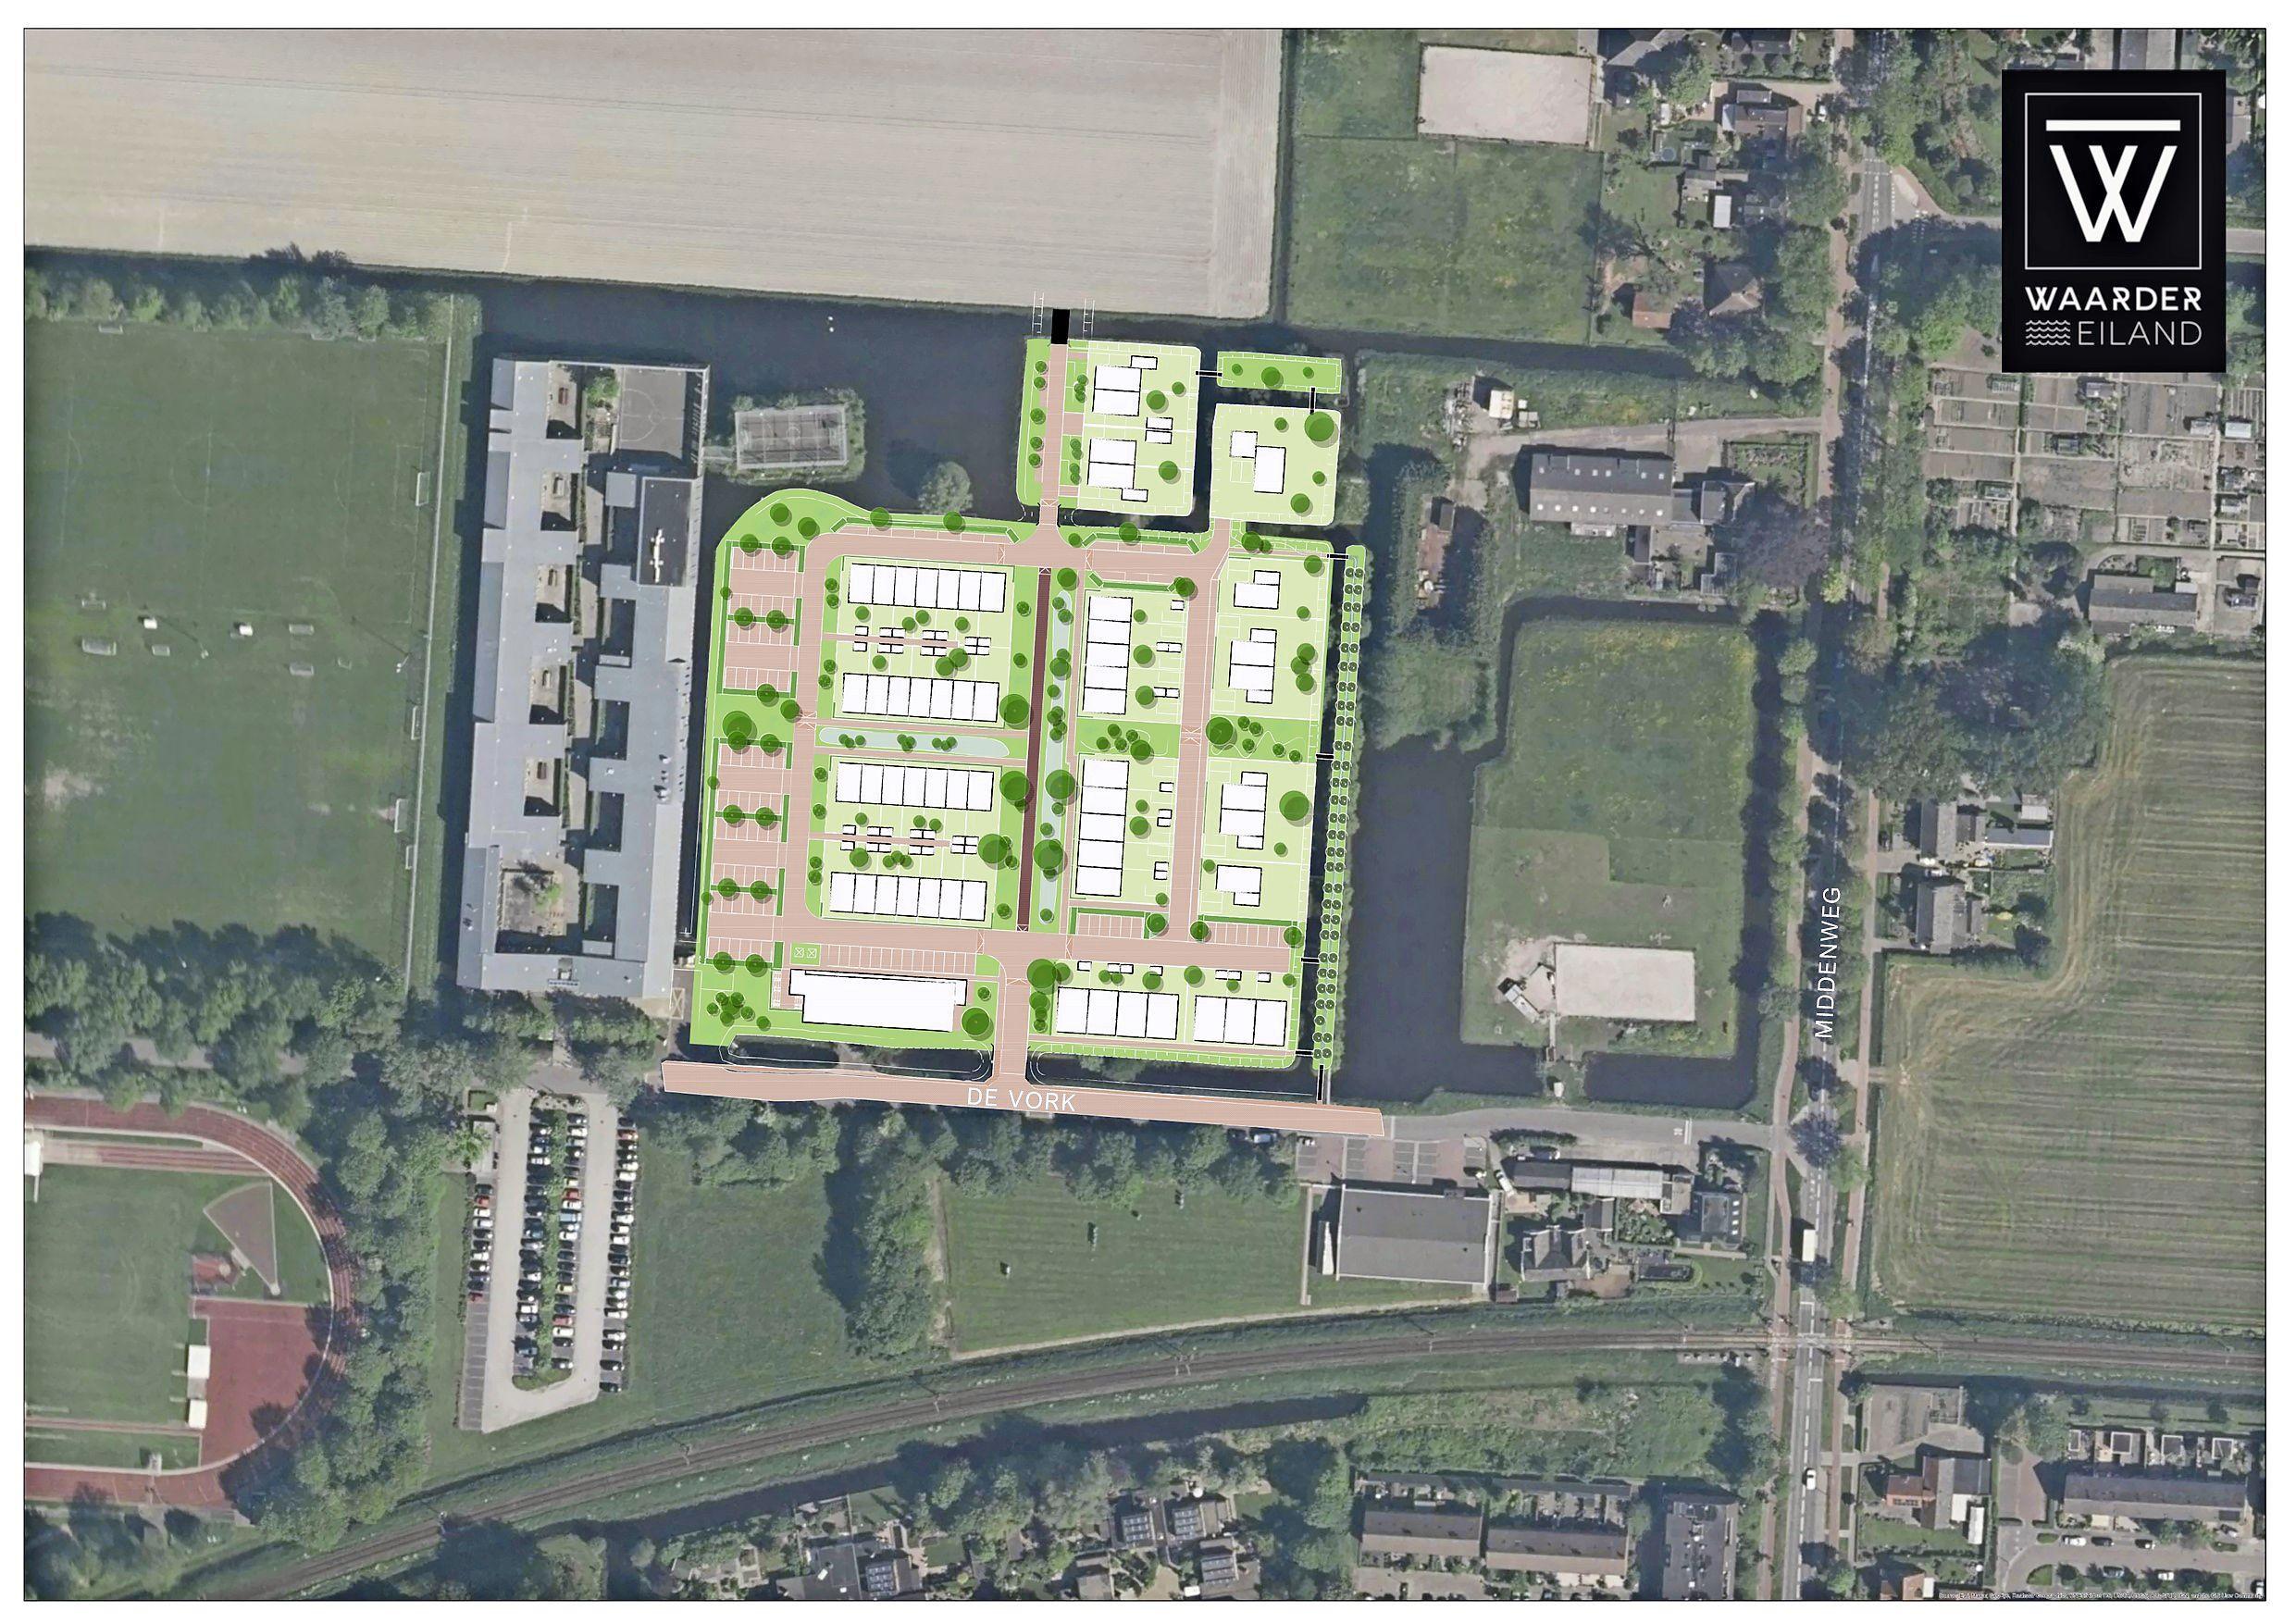 Gasloos wonen op Waarder Eiland: Heerhugowaard krijgt er nieuwe wijk met 76 koophuizen bij